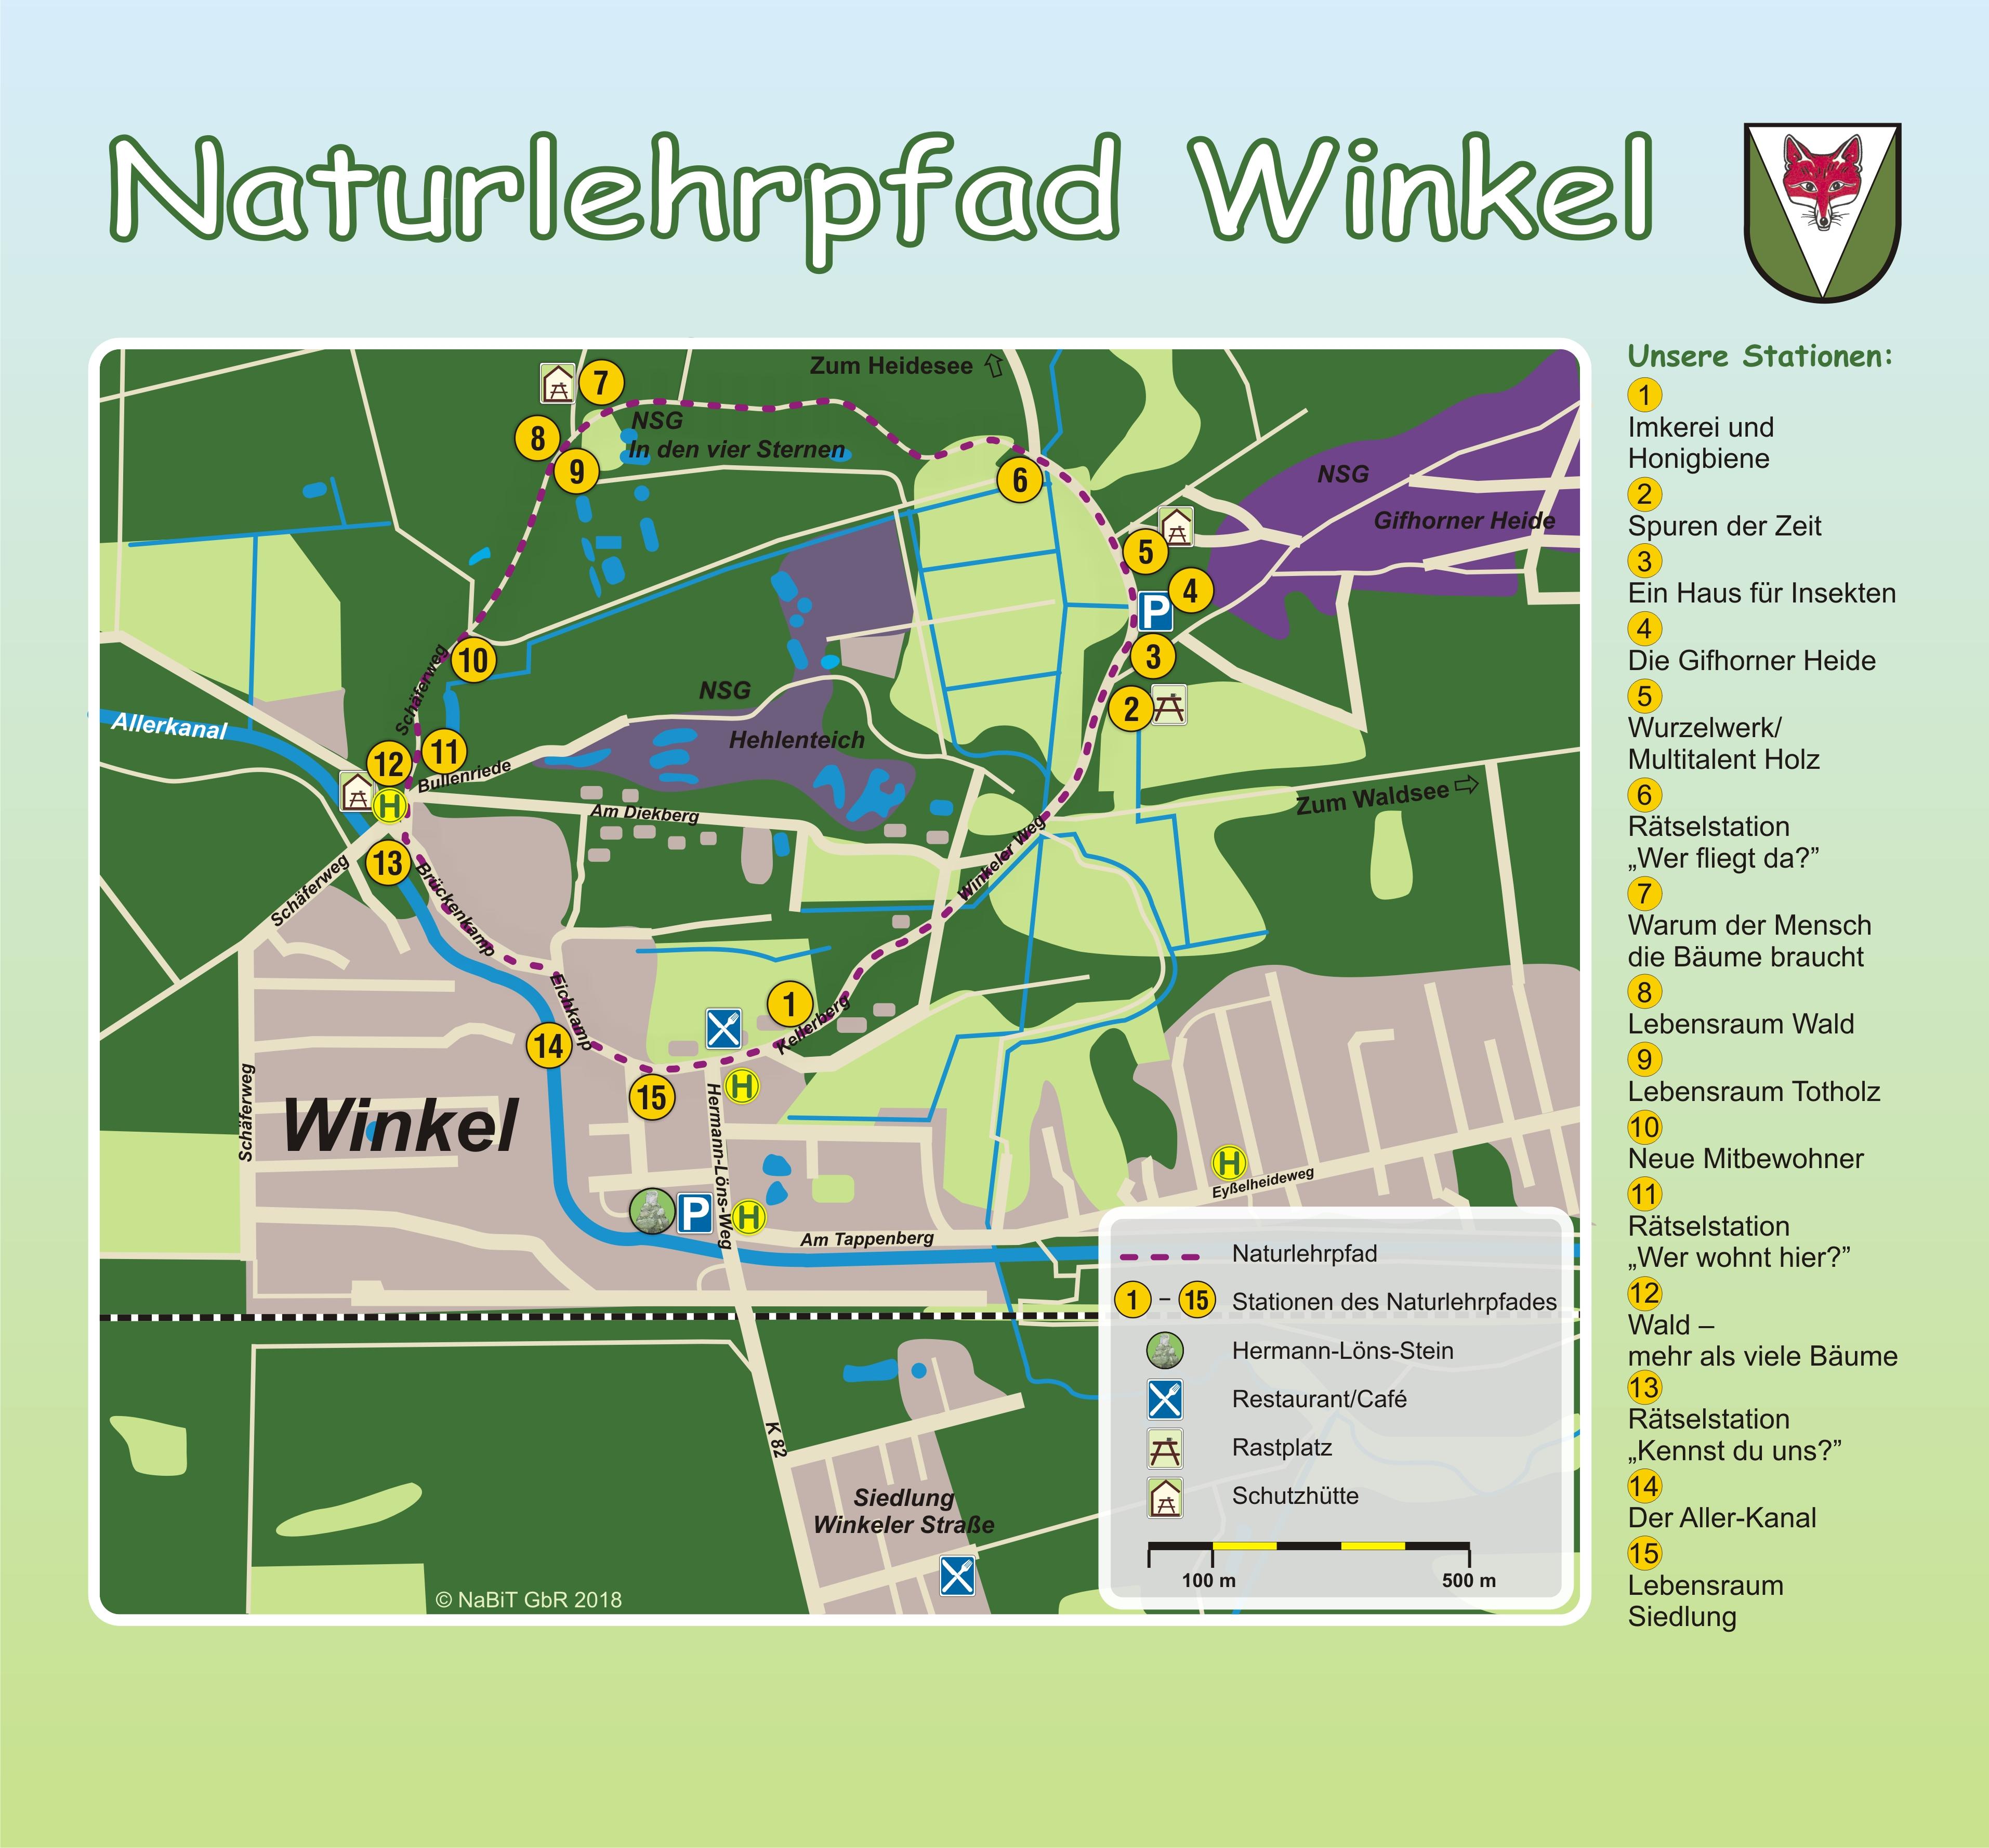 Lageplan Naturlehrpfad Gifhorn-Winkel